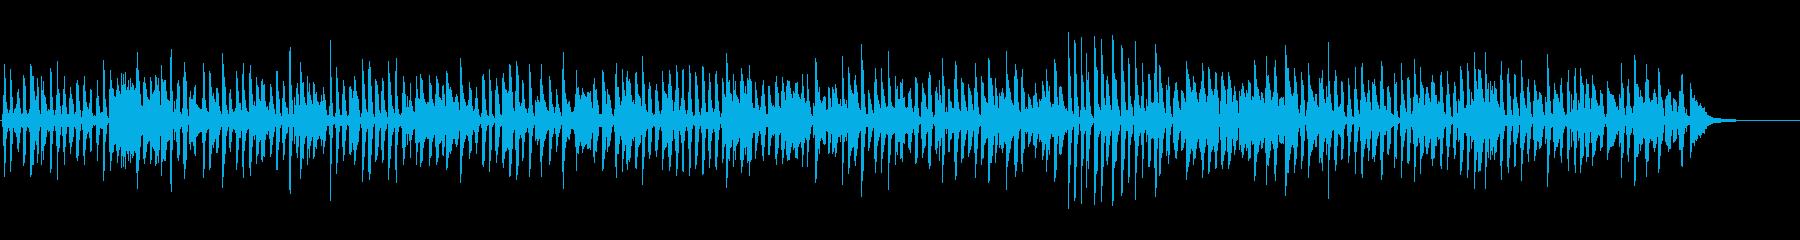 昭和な雰囲気のレトロなジャズピアノバンドの再生済みの波形